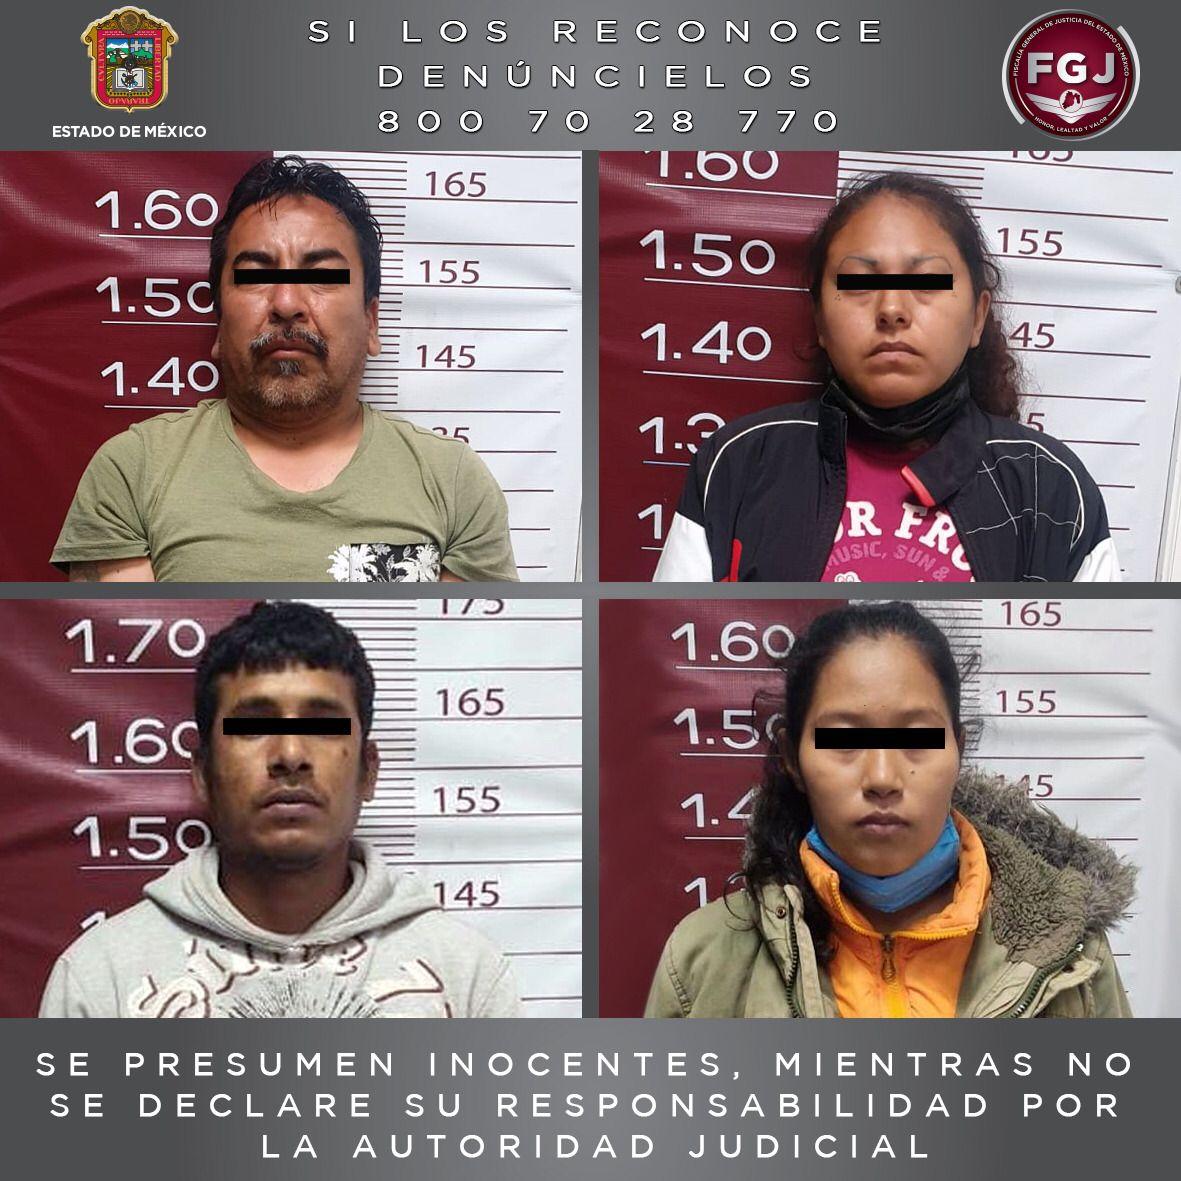 Vinculan a proceso a cuatro probables integrantes de un grupo criminal, investigados por extorsión a una ruta de transporte público